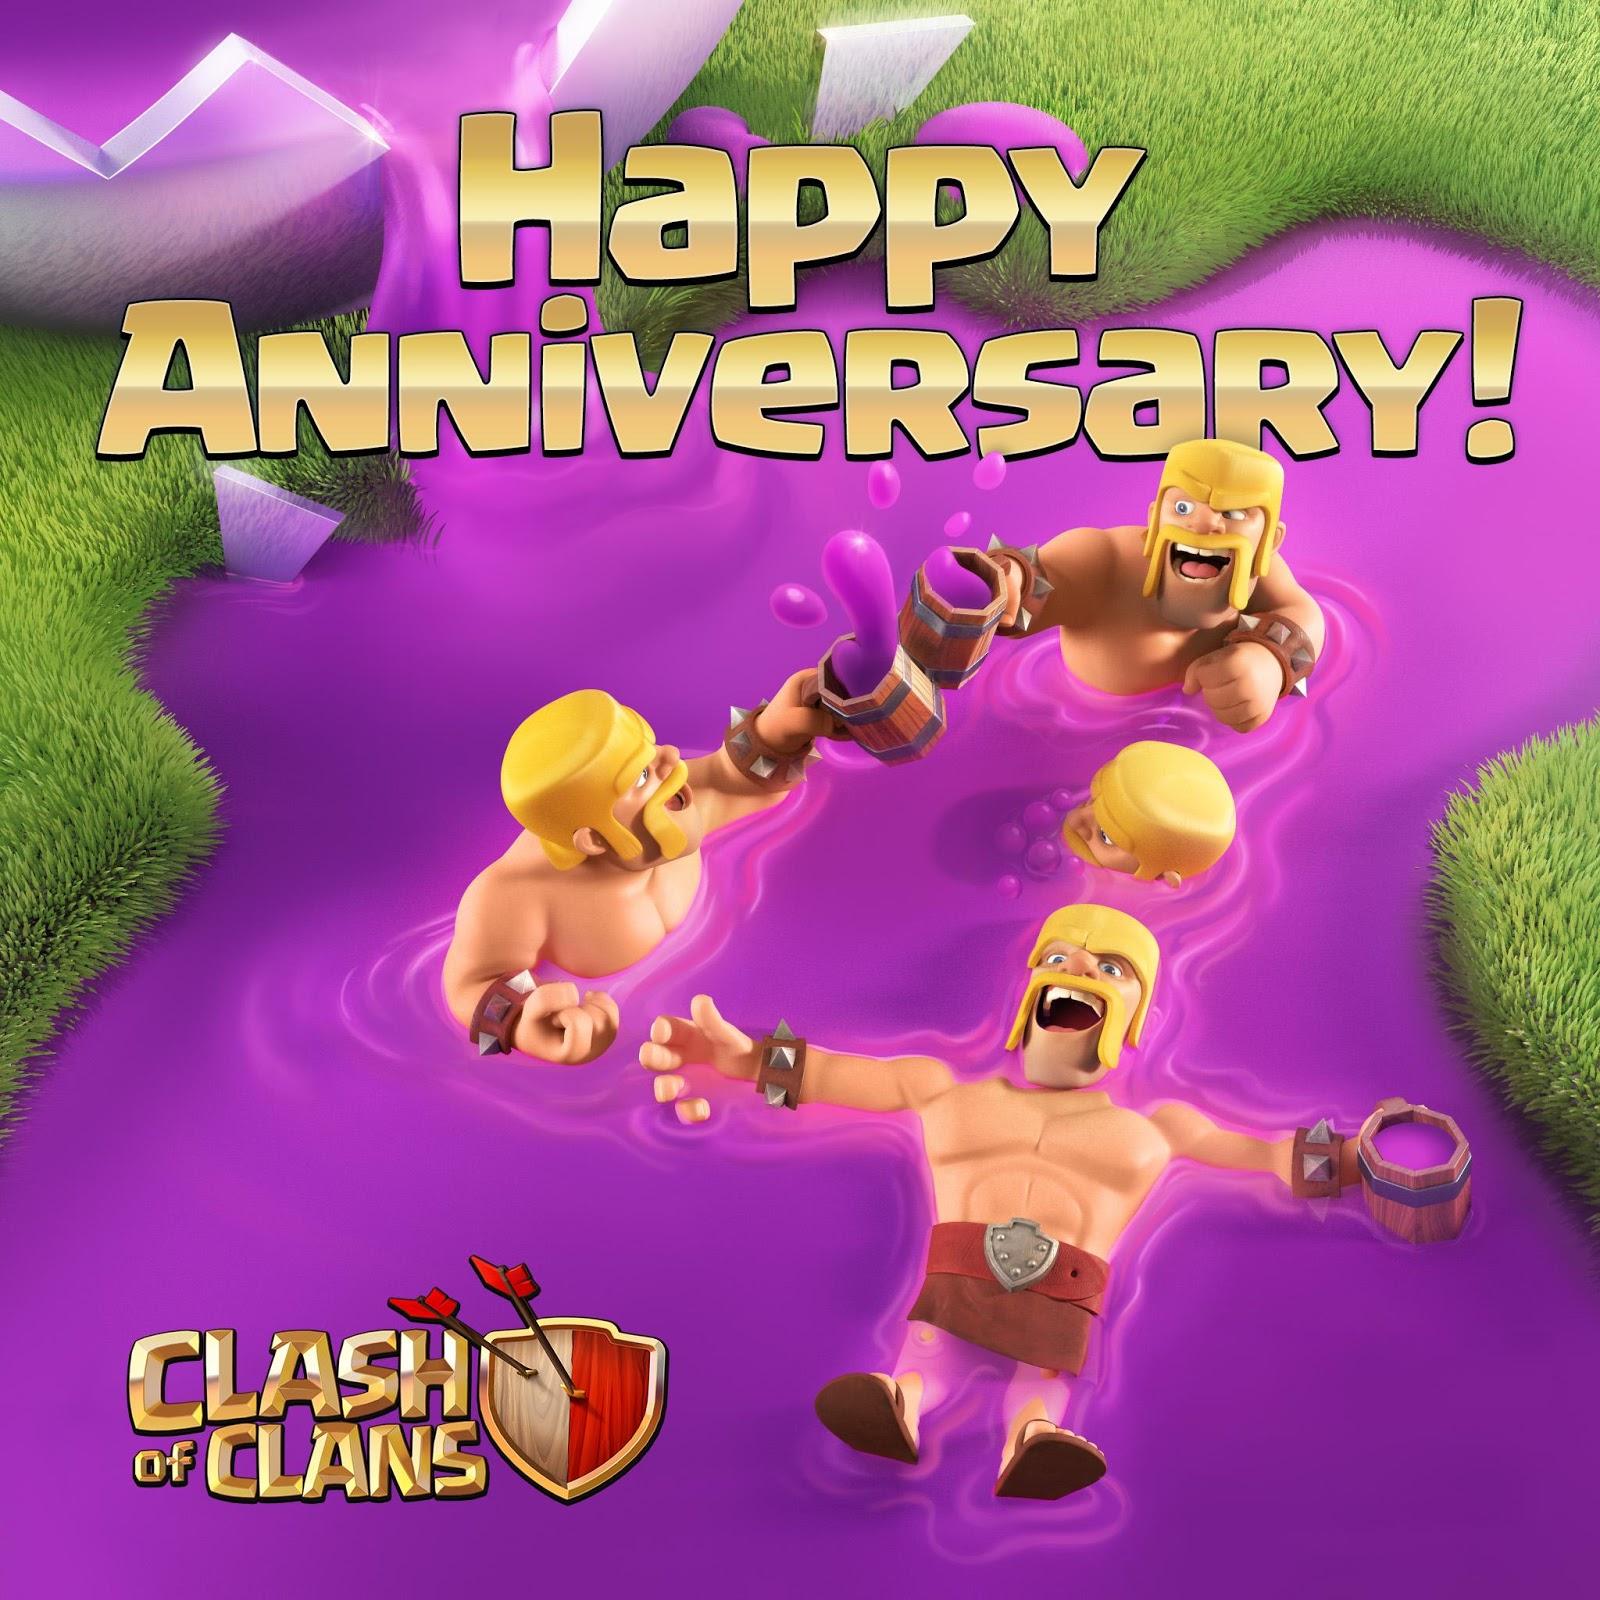 COC Celebrate 4th Anniversary